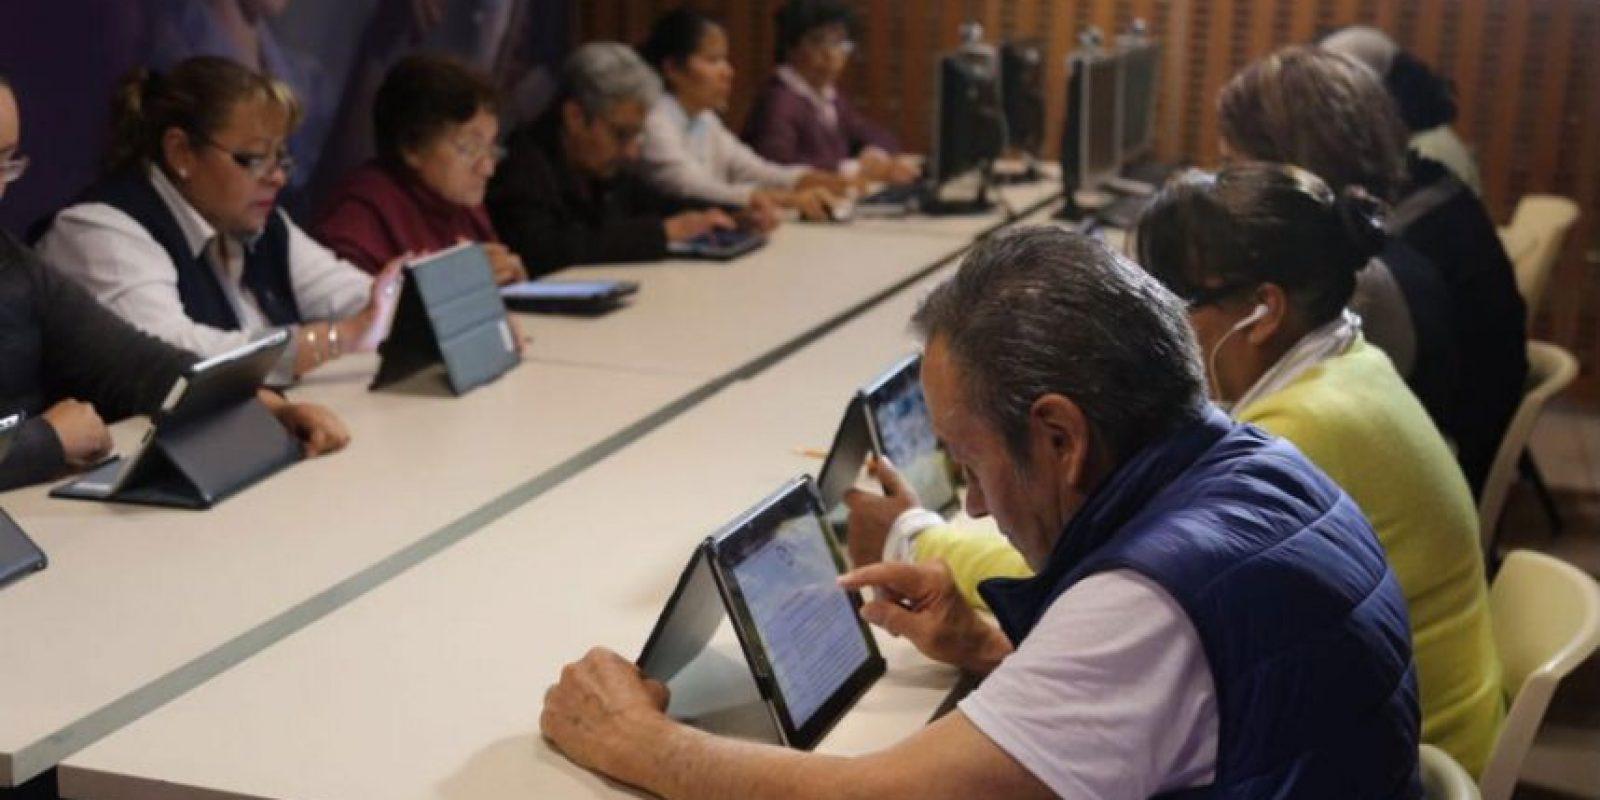 La aldea en el Zócalo tendrá más de 20 mil metros cuadrados de tecnología Foto:@ManceraMiguelMX